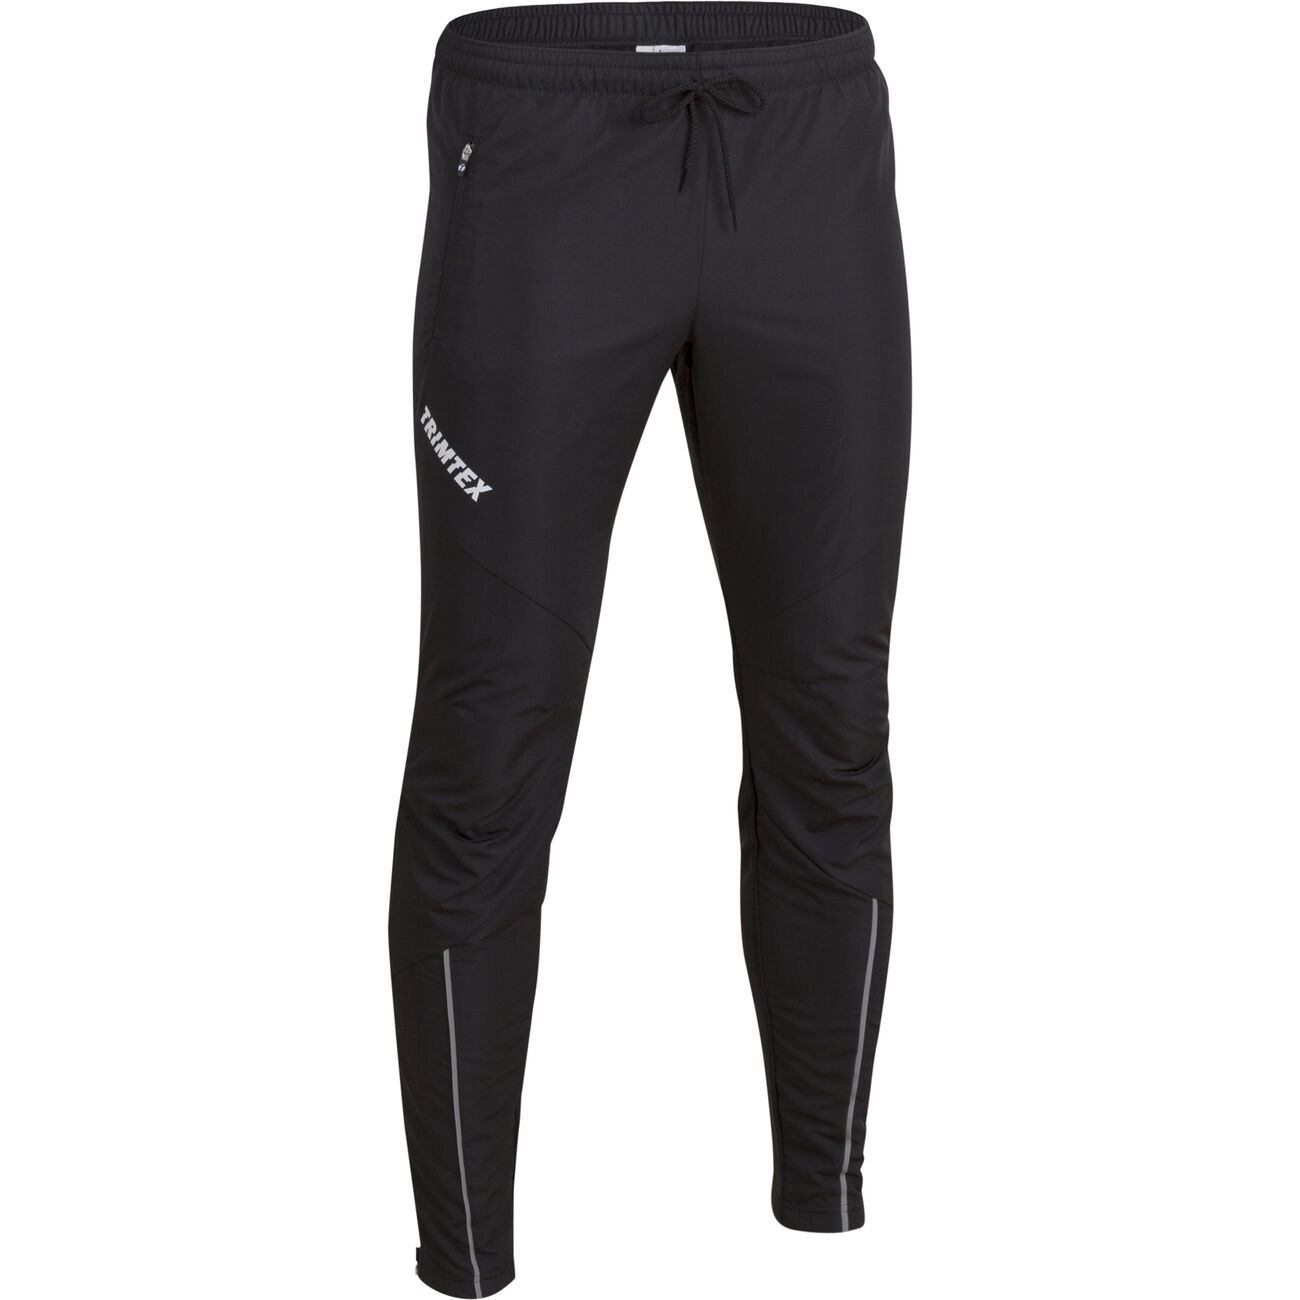 Pulse pants men's